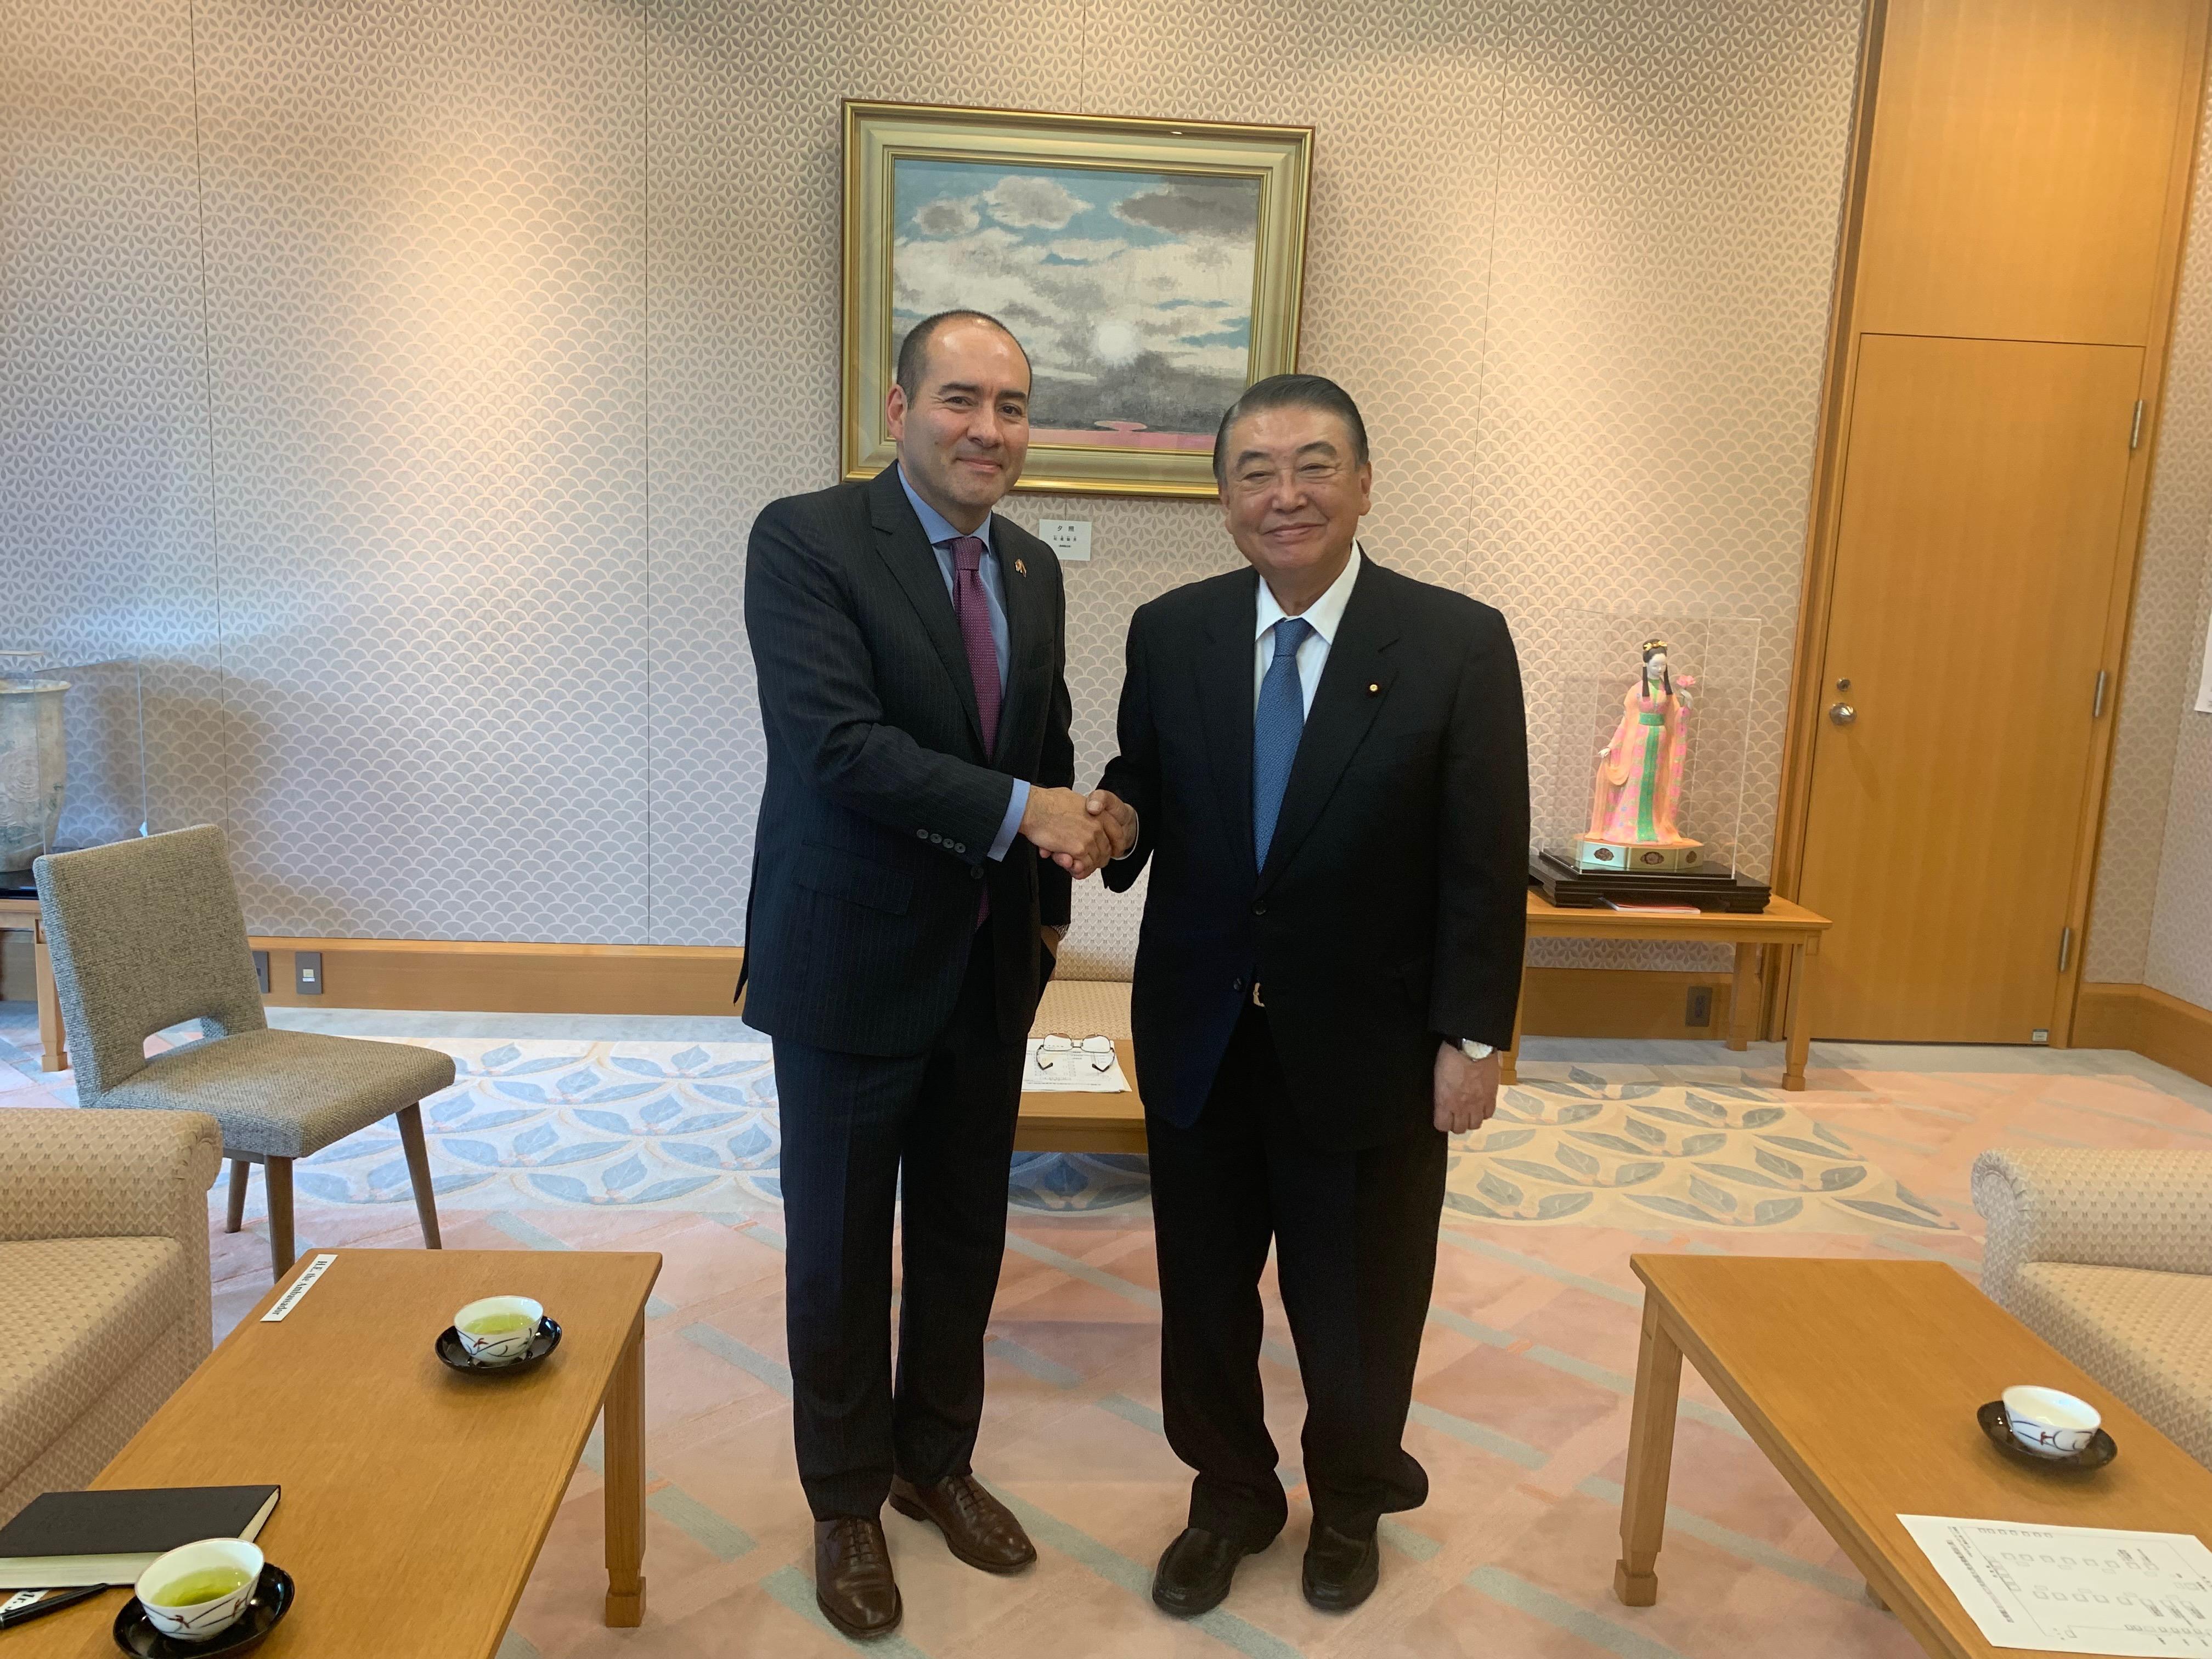 Embajador de Colombia fomenta alianzas estratégicas con el parlamento japonés